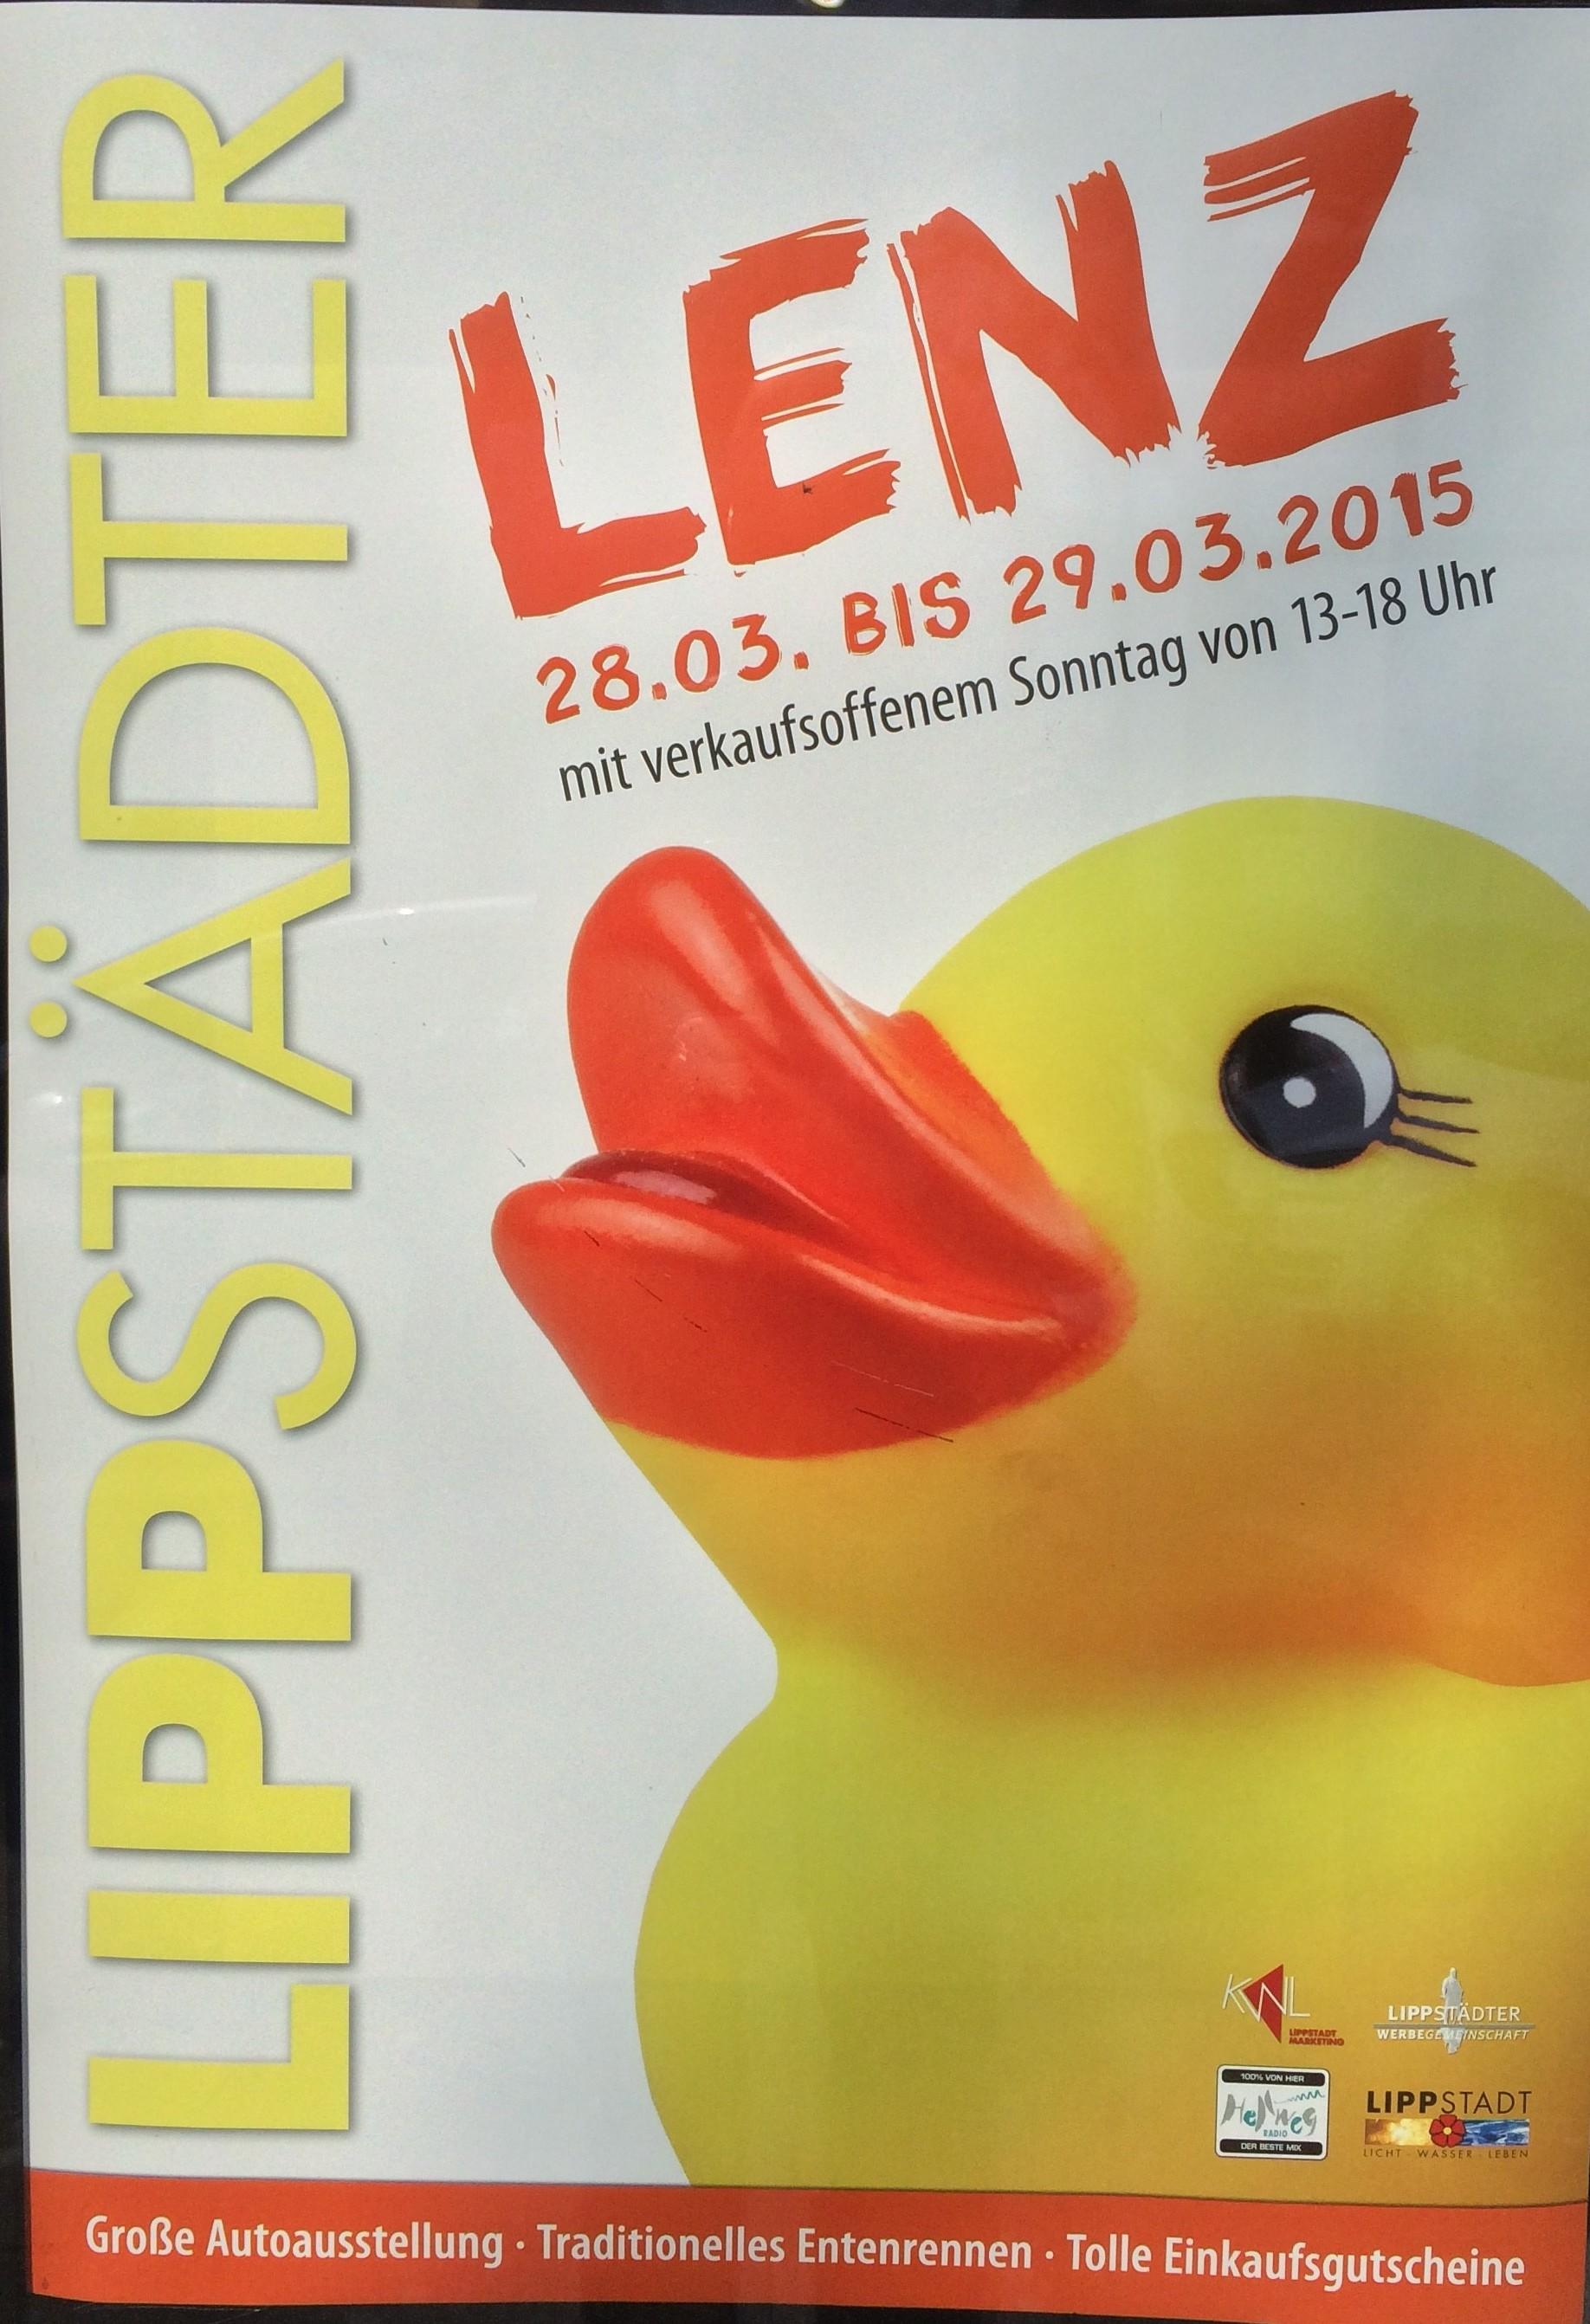 Lippstädter Lenz Lippstadt für Hotelgäste Plakat